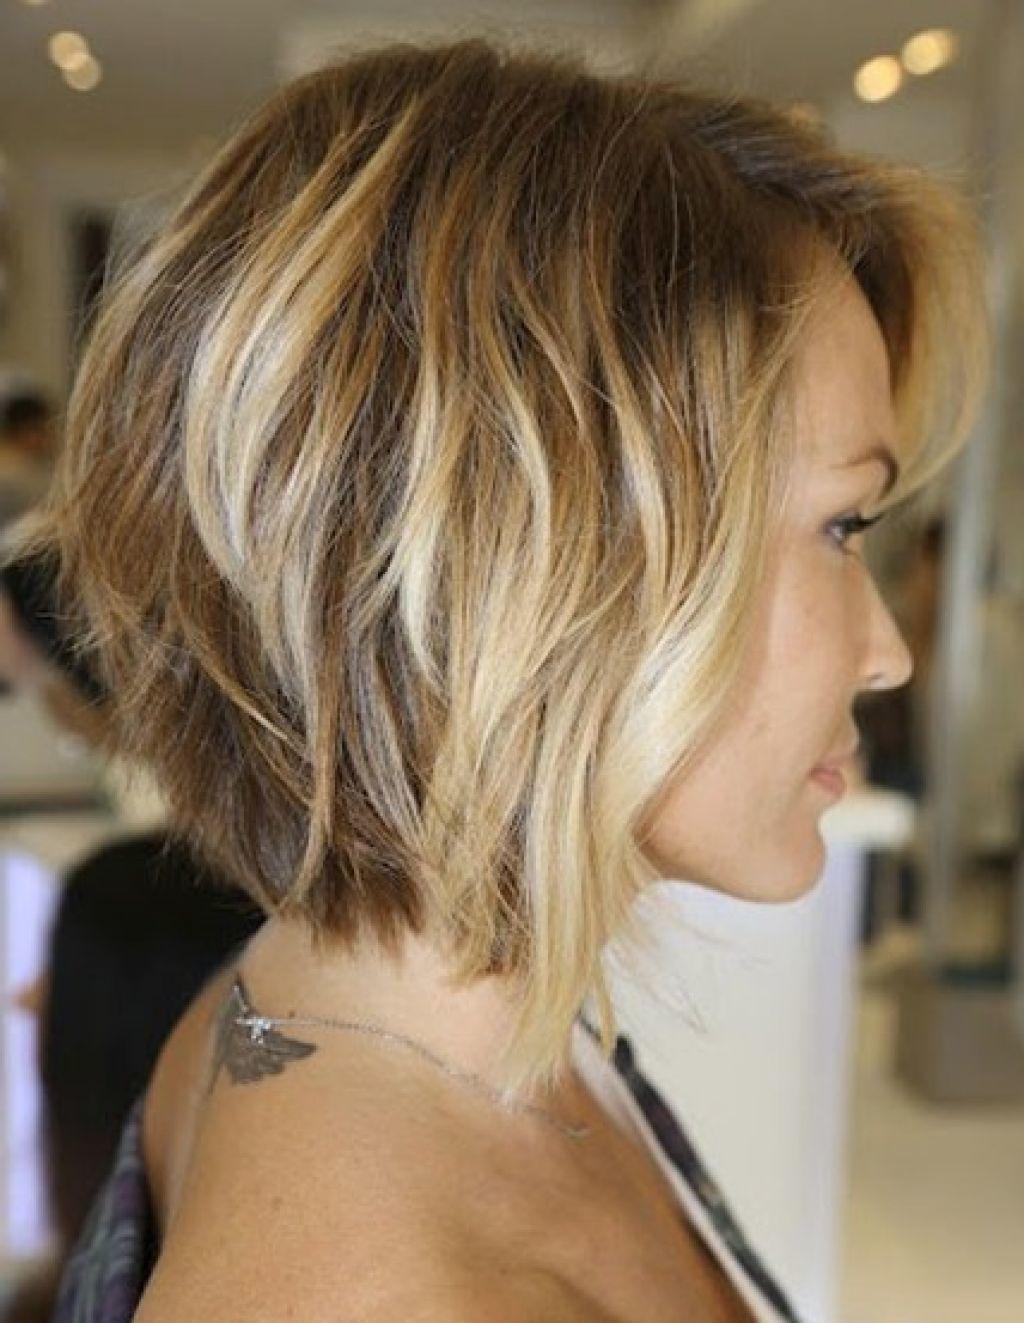 image55-2   Брондирование волос: описание, виды, техника выполнения для любой длины и цвета волос